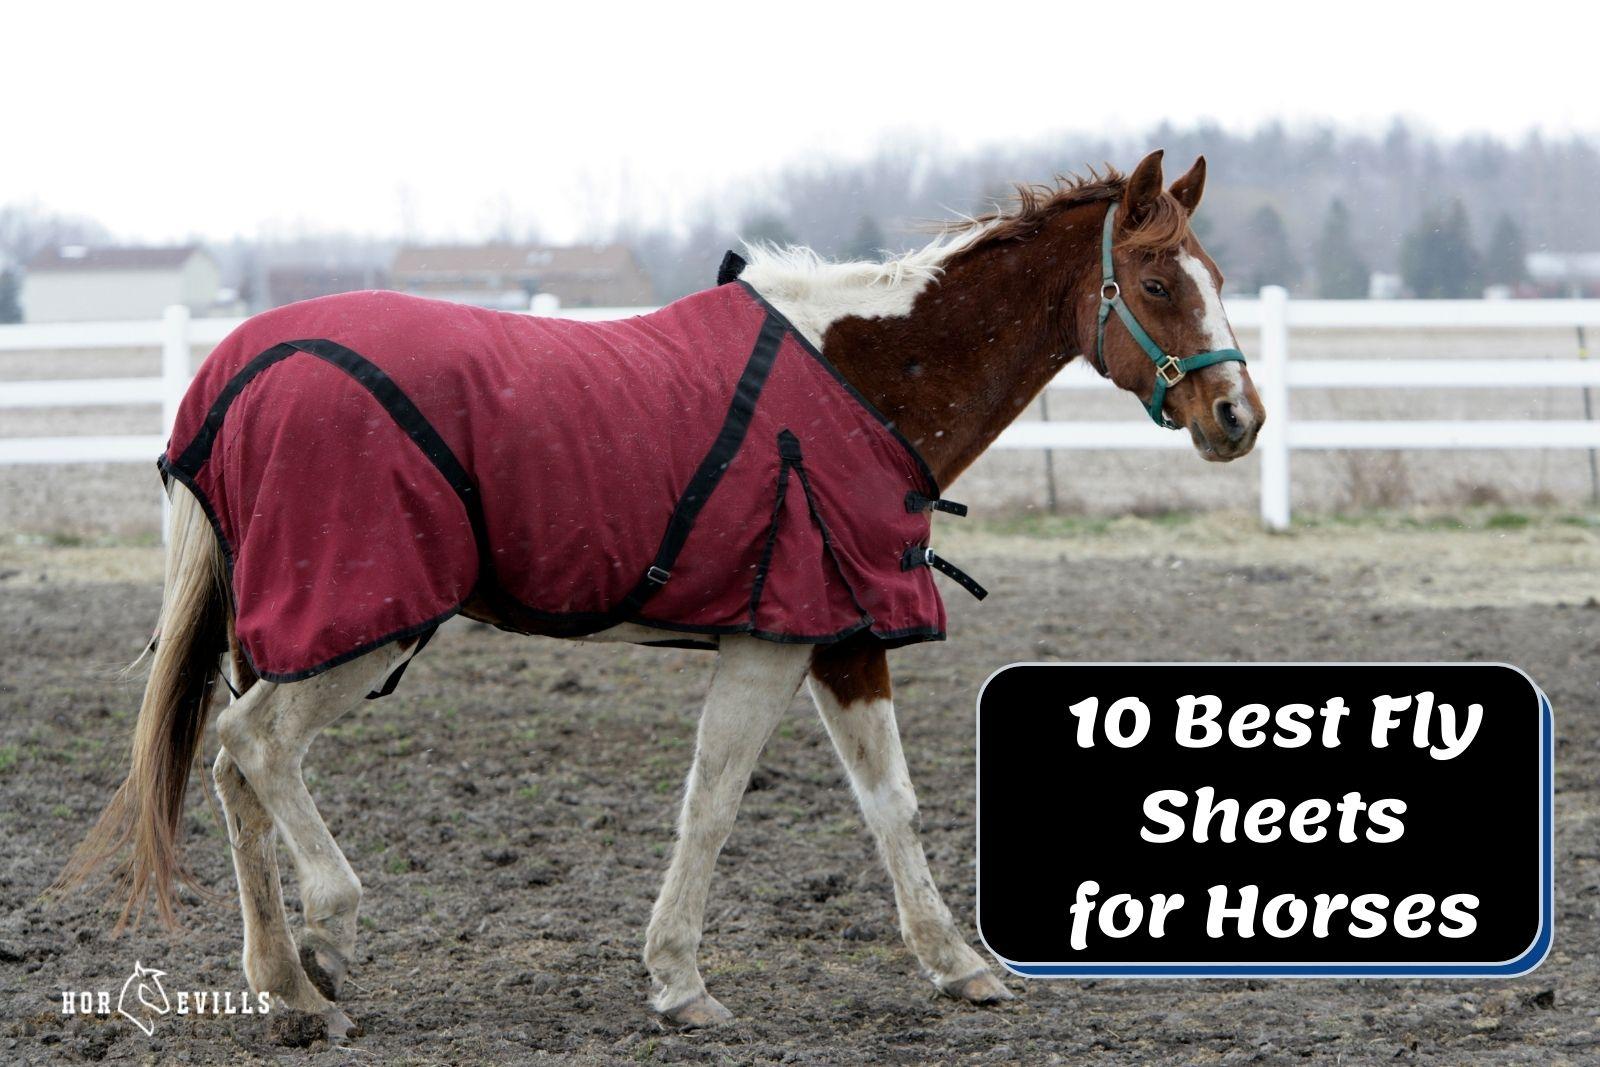 stallion wearing one of the best flysheets for horses